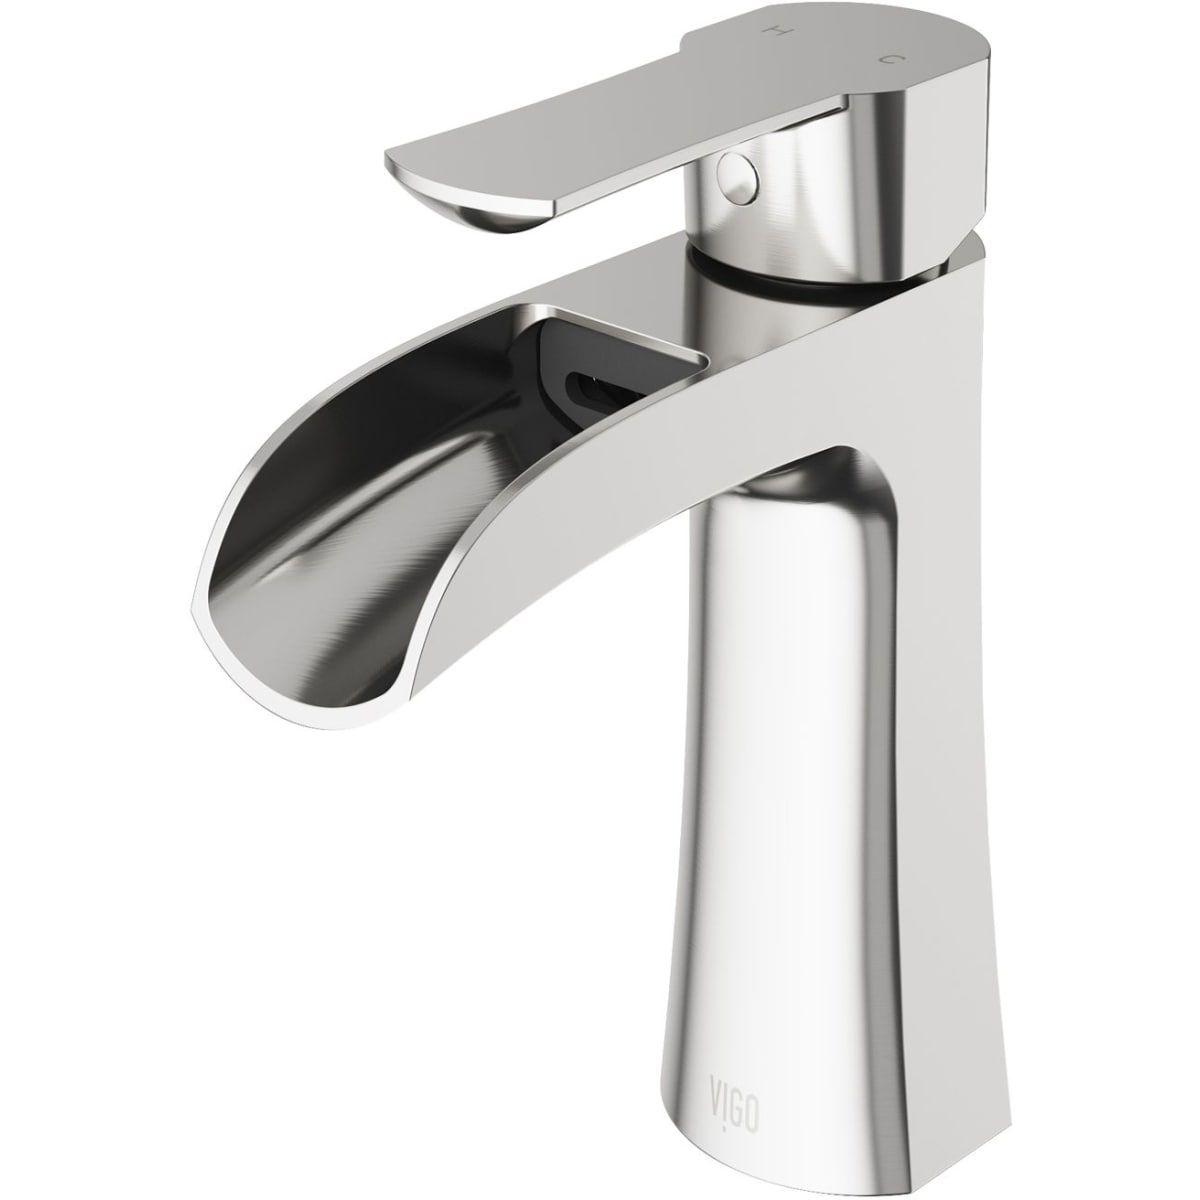 Vigo Vg01041 Single Handle Bathroom Faucet Bathroom Faucets